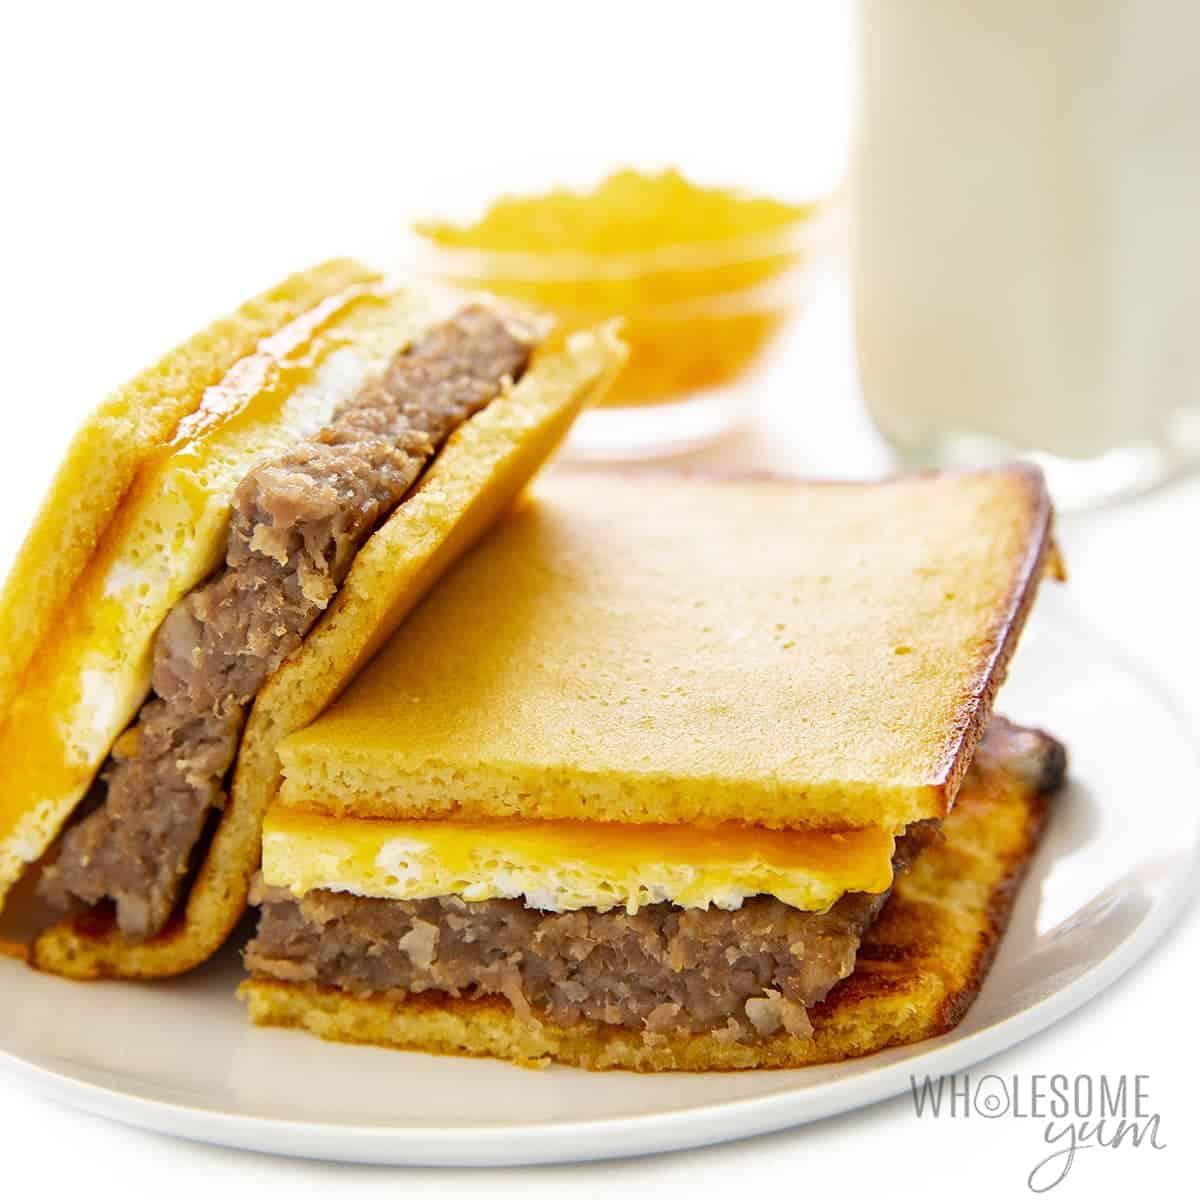 Keto breakfast sandwich on plate